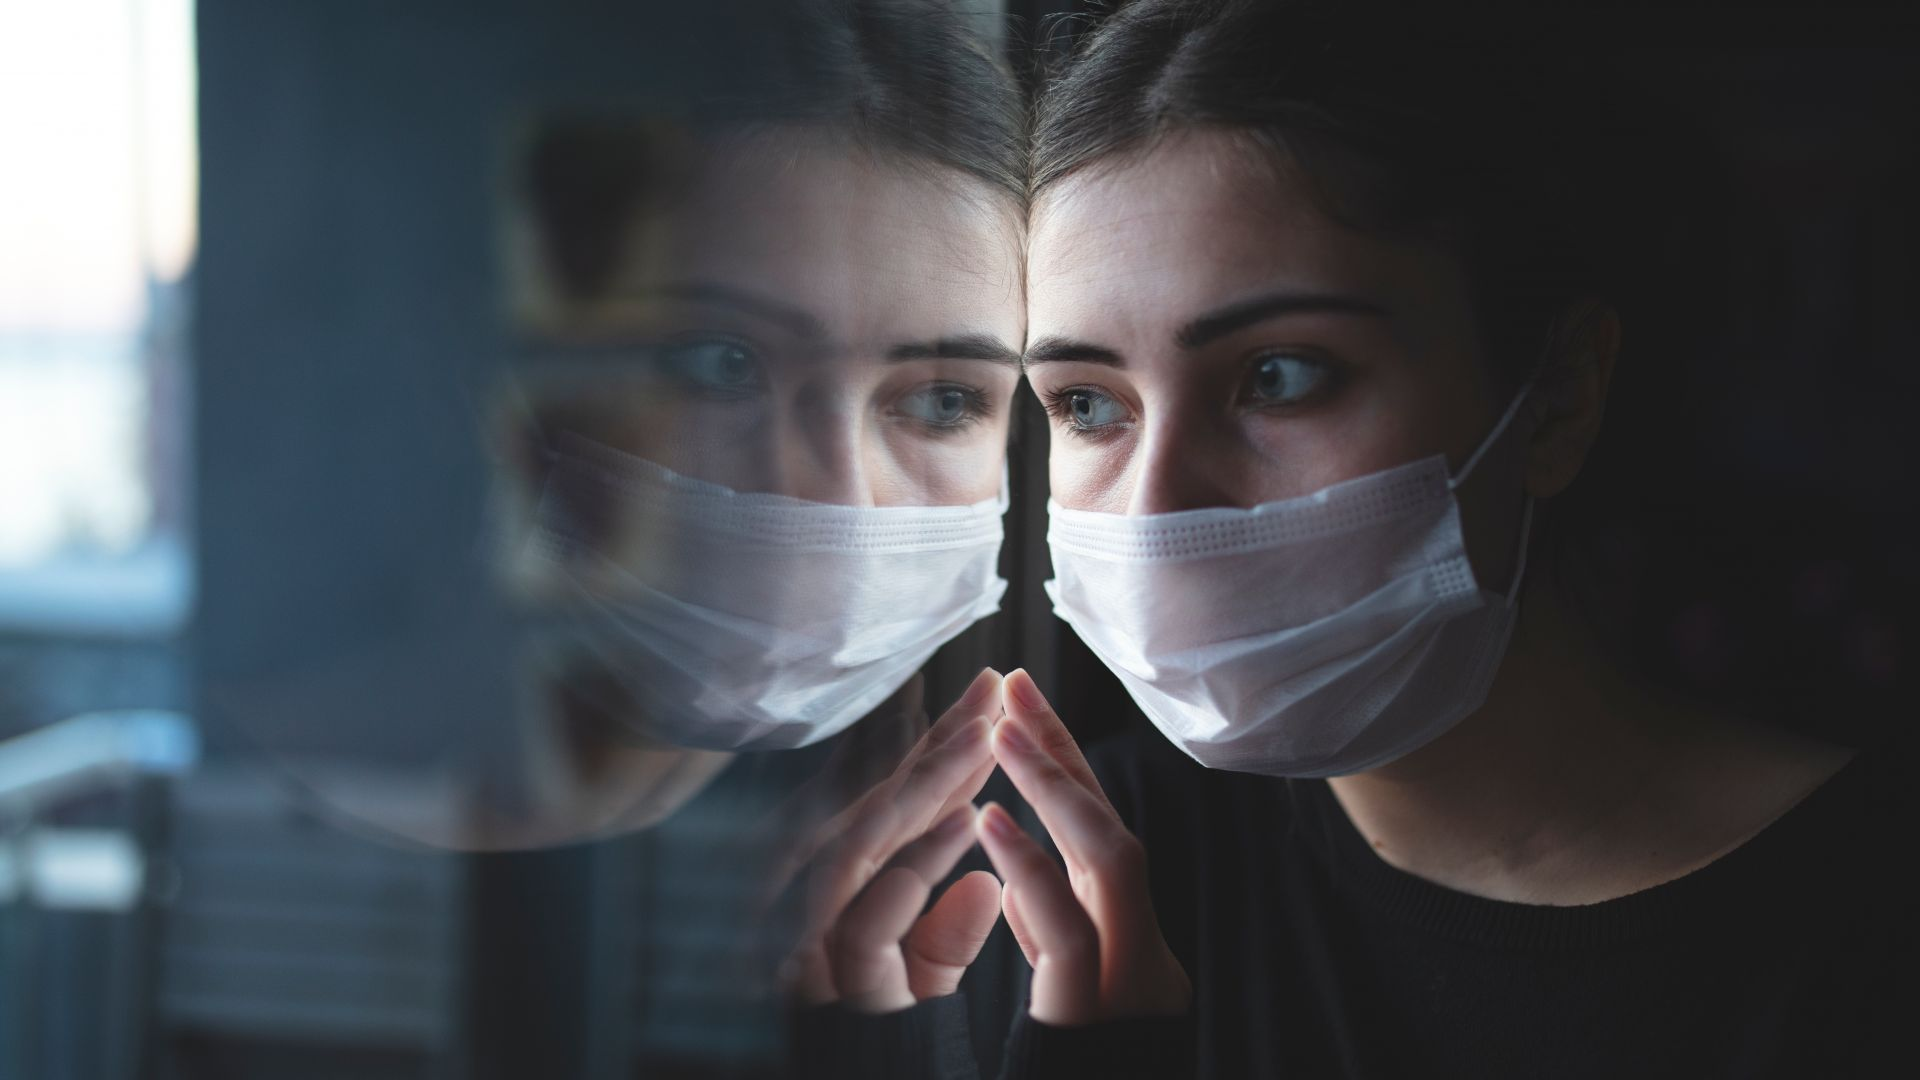 Установиха колко време трае имунитетът след боледуване от коронавирус